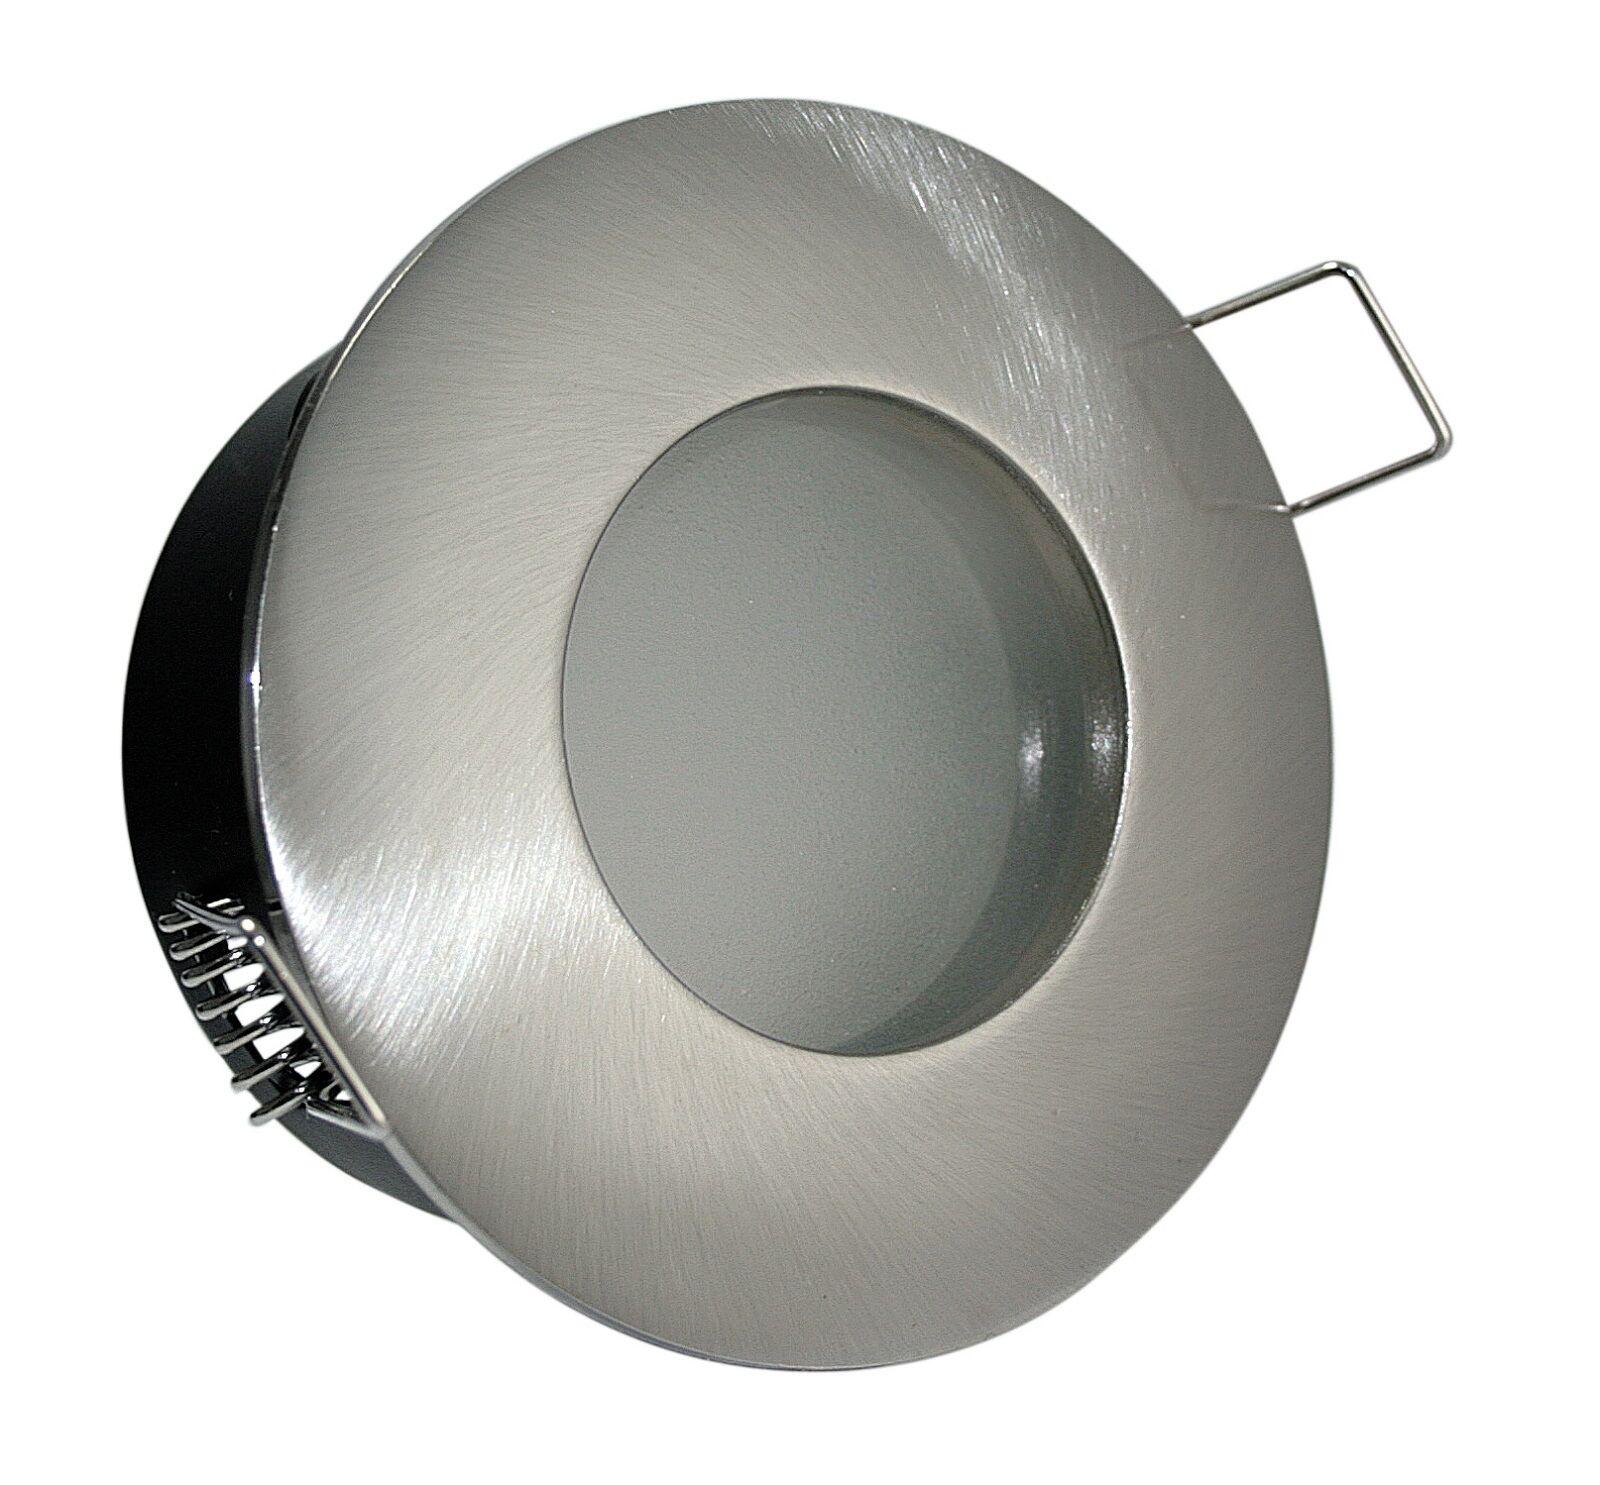 Einbaustrahler Aqua OUT65 IP65 ohne Leuchtmittel, Bad & Dusche, GU10 & MR16 Spot